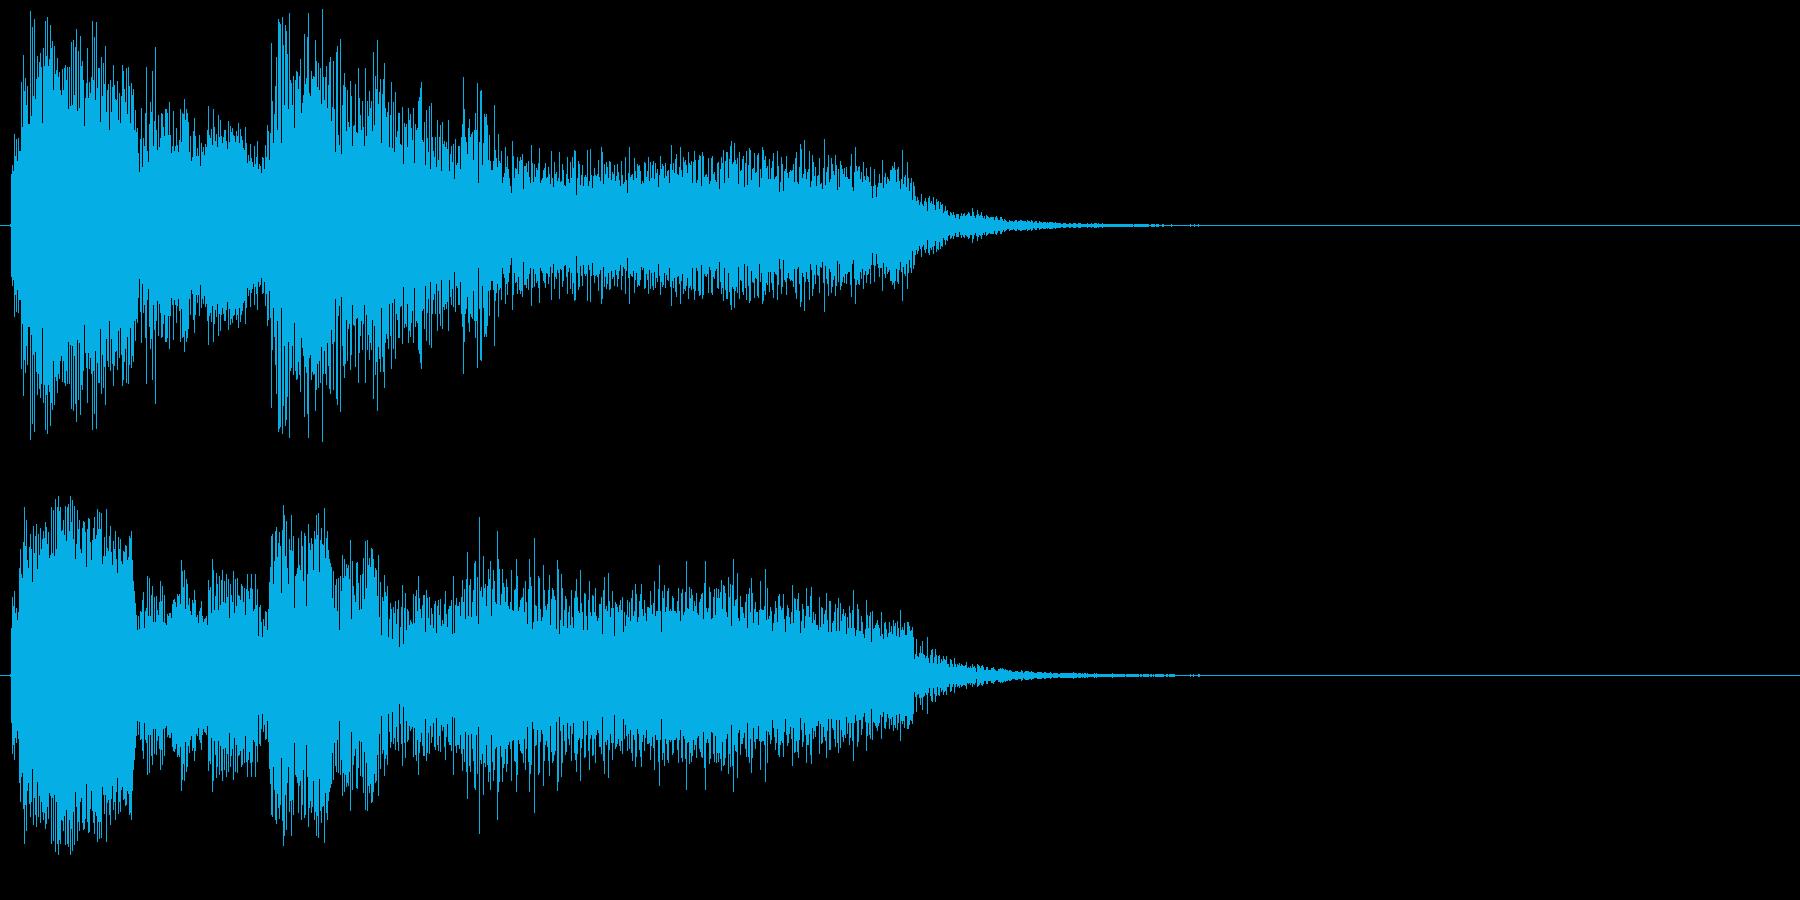 不安な場面用のジングル(事件、お化け等)の再生済みの波形